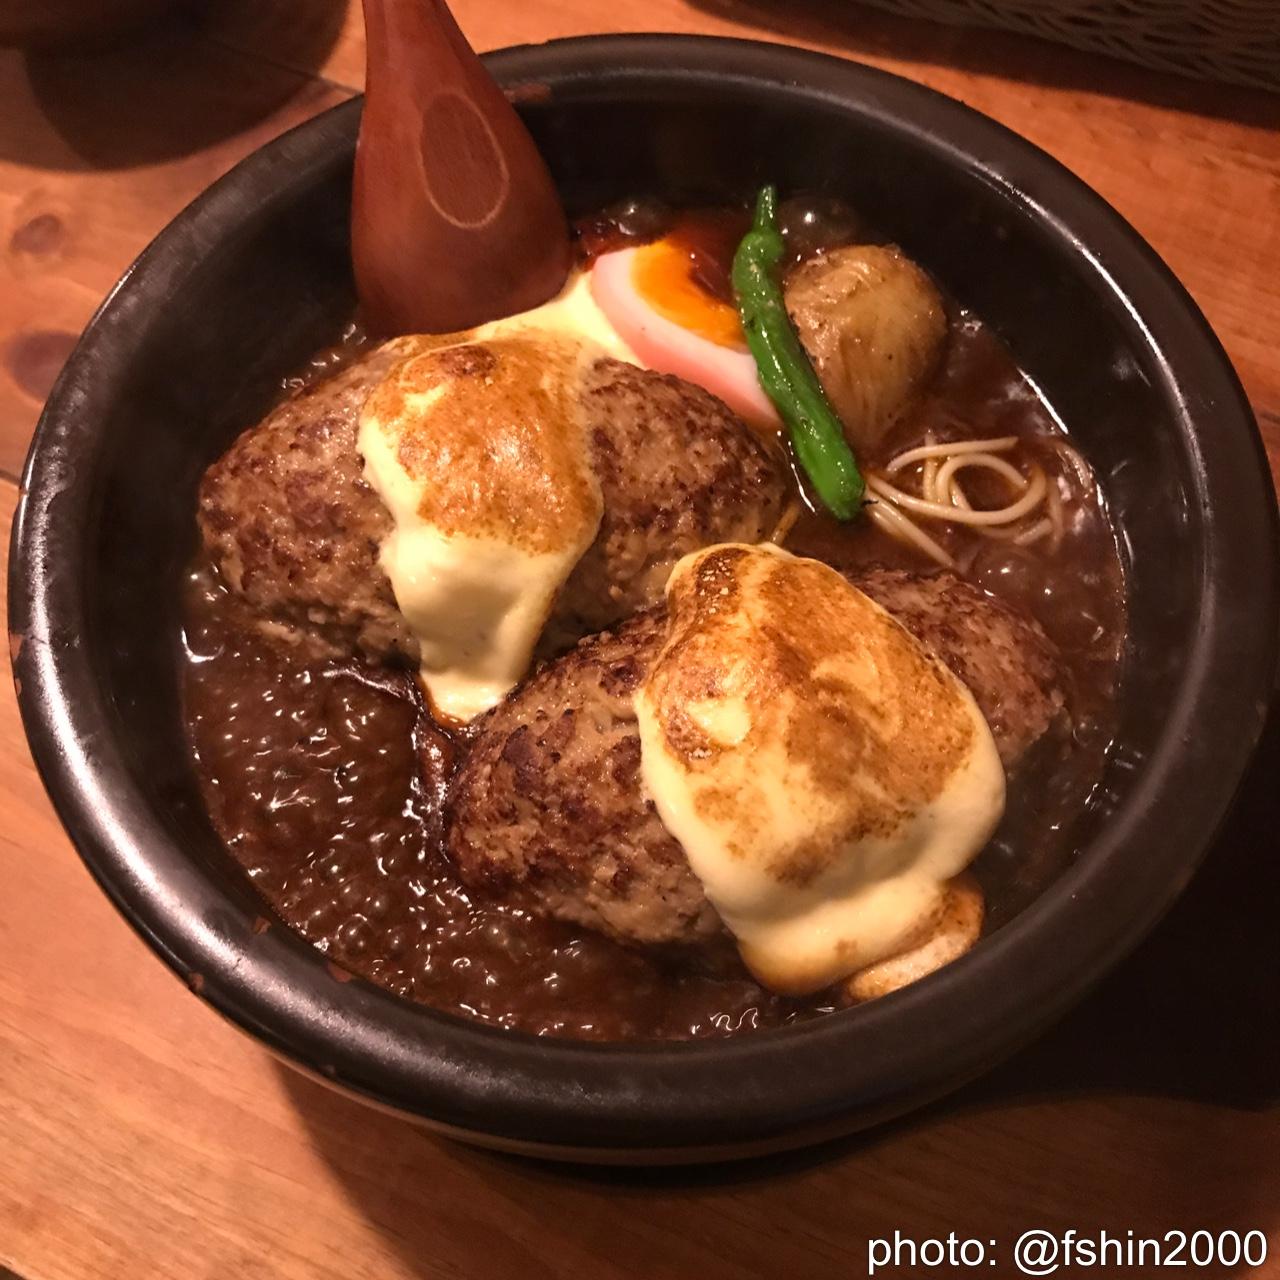 俺のハンバーグ山本 高田馬場店>